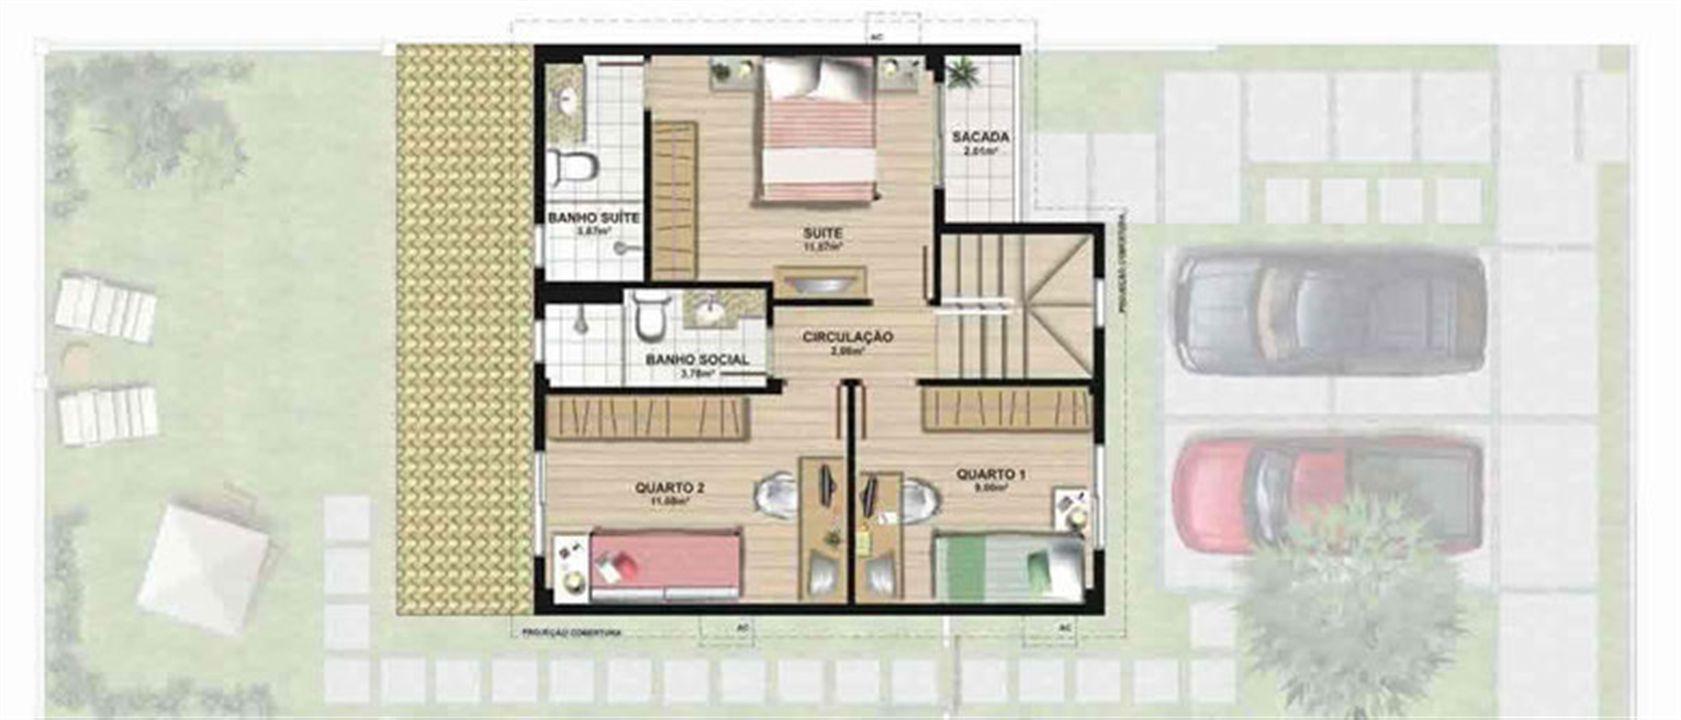 Planta casa A 120,42 m² - pavimento superior | Aldeia Parque - Igarapé – Casana  Colina de Laranjeiras - Serra - Espírito Santo